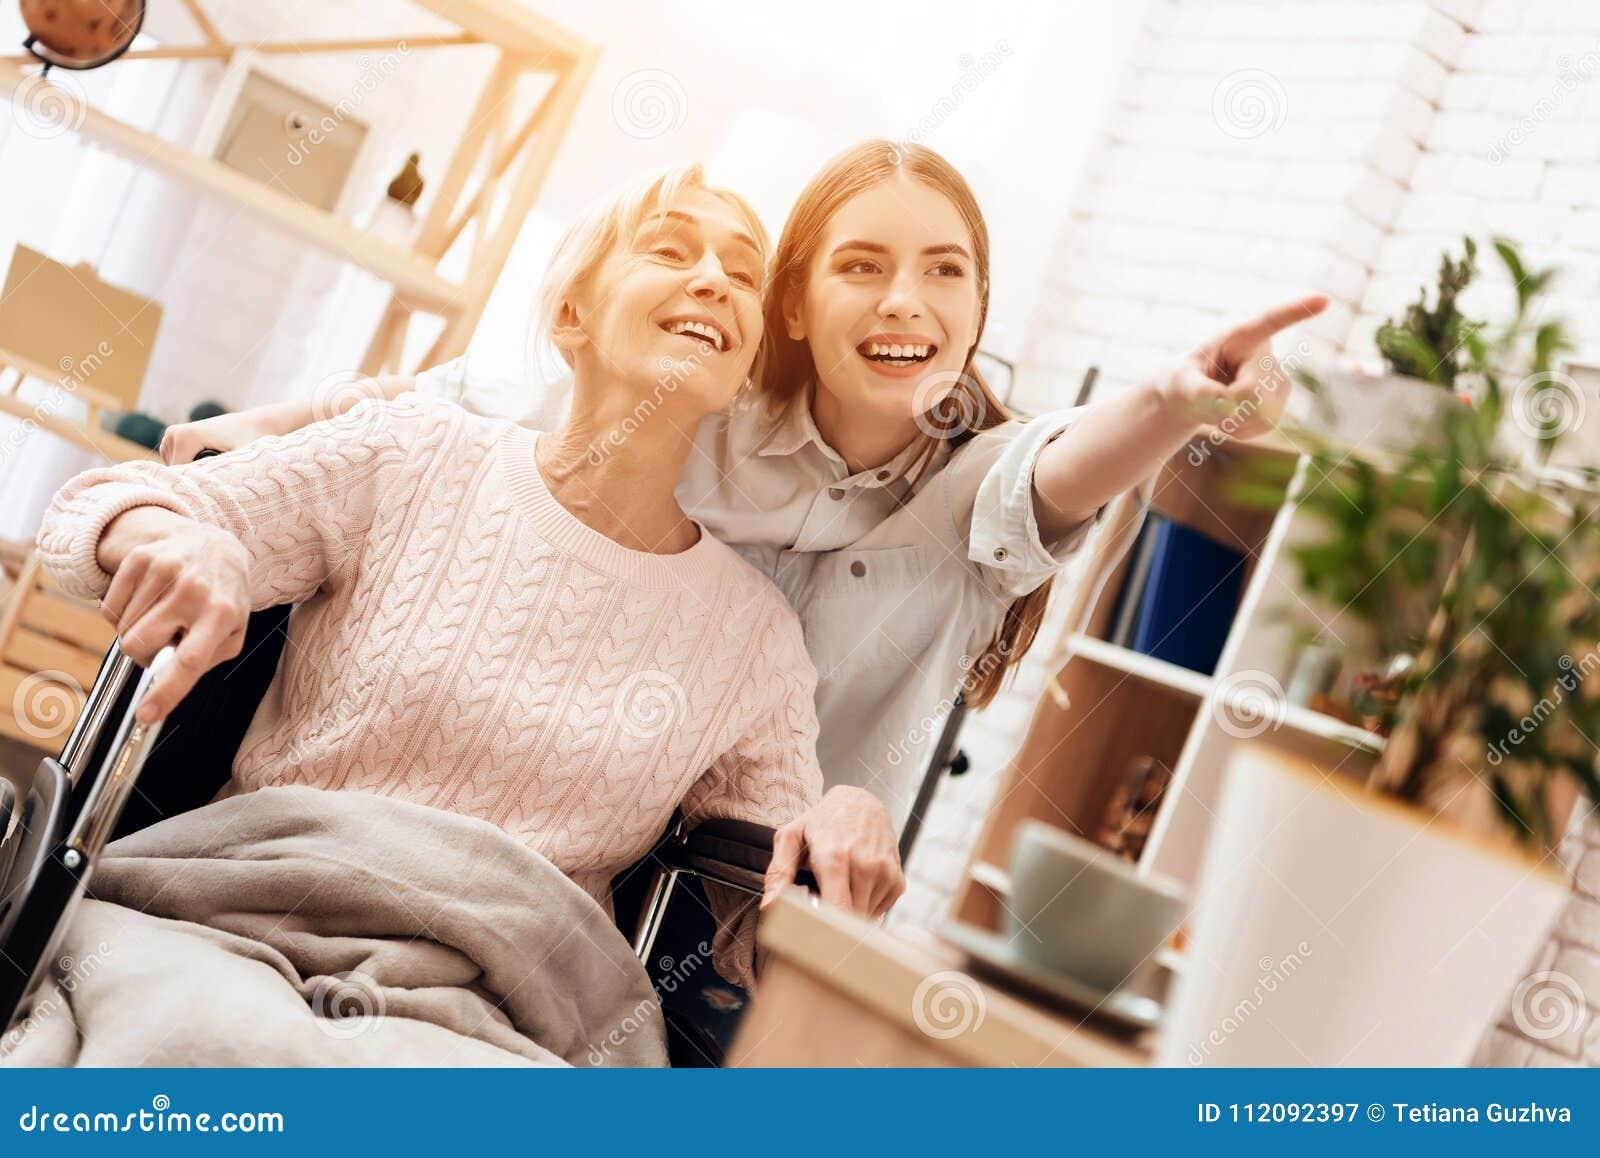 La fille soigne la femme agée à la maison La fille monte la femme dans le fauteuil roulant dans le salon